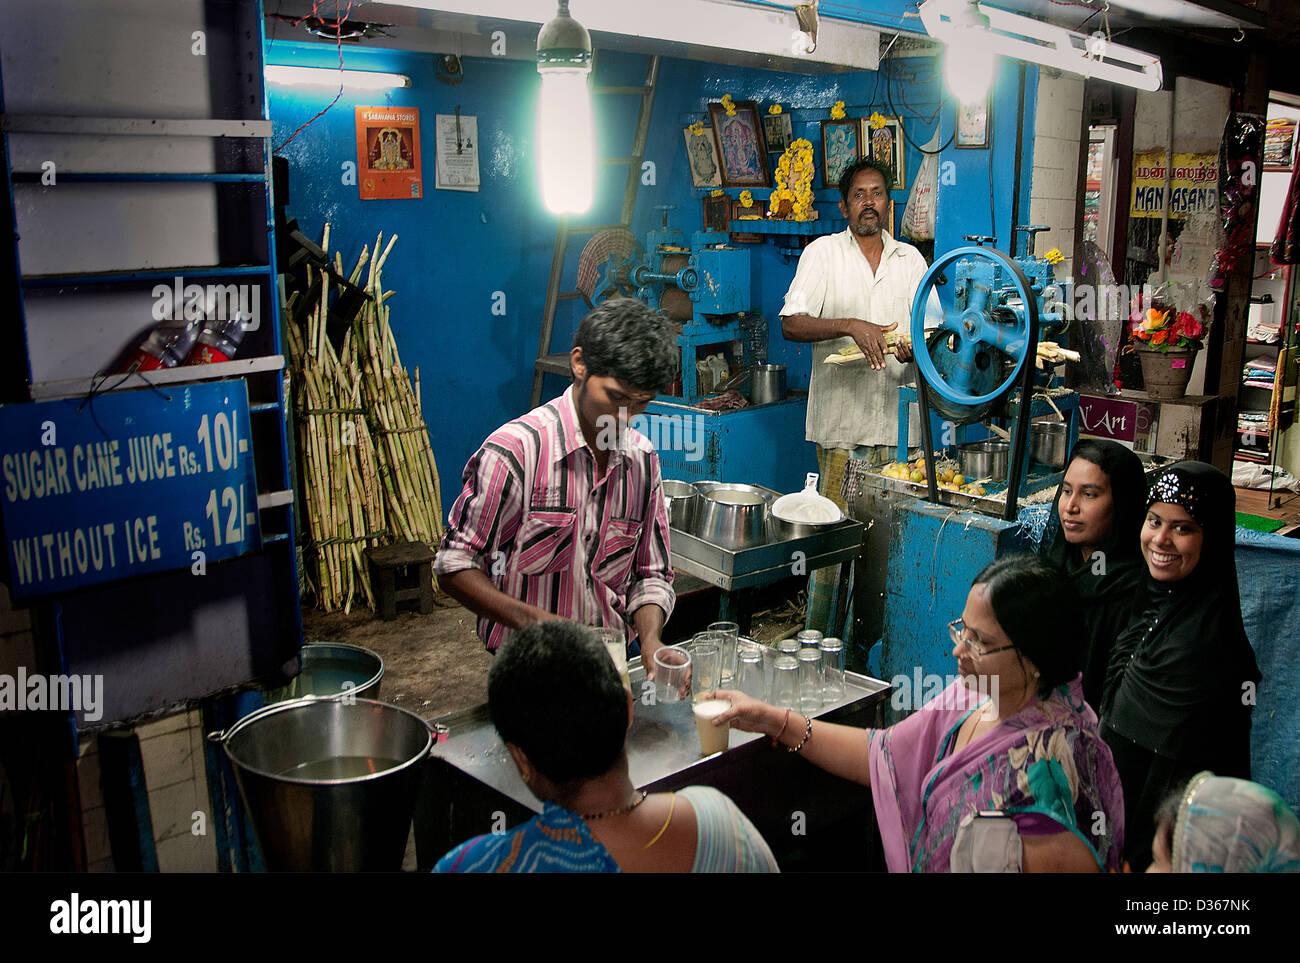 Basar Center Altmarkt Chennai (Madras) Indien Tamil Nadu Hersteller Zuckerrohrsaft beliebte trinken in Indien Stockbild